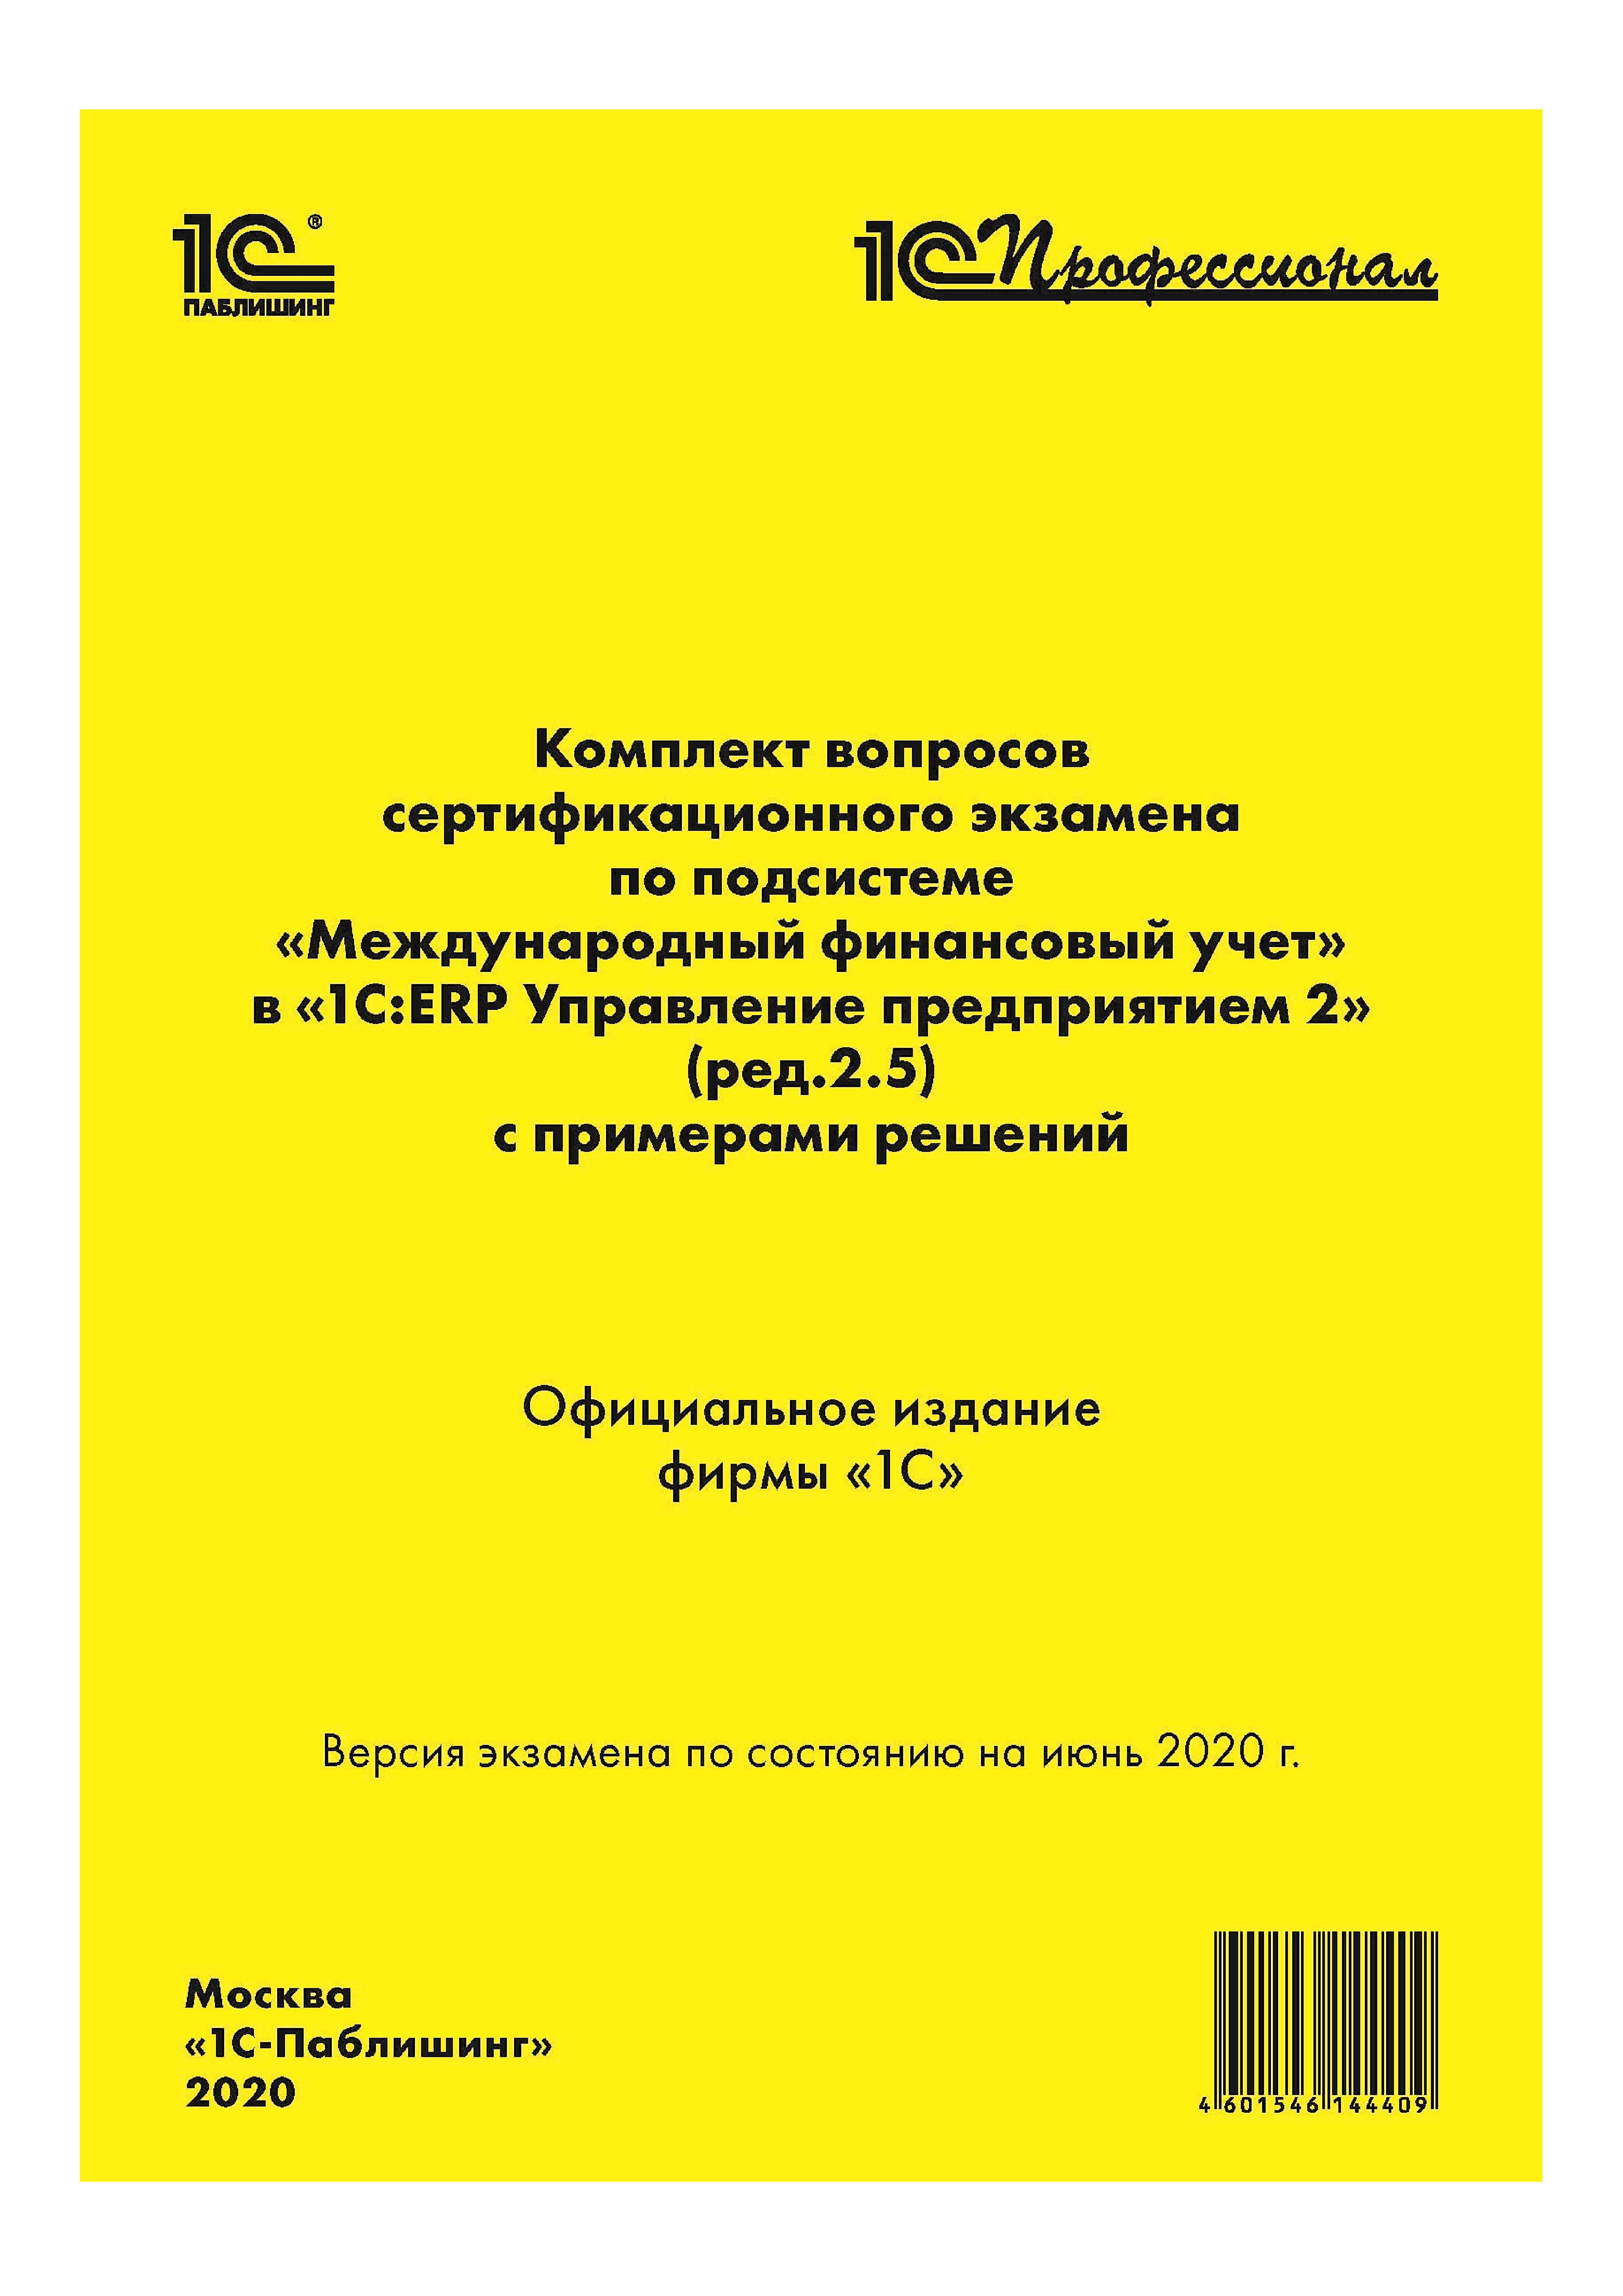 Купить книгу Комплект вопросов сертификационного экзамена «1С:Профессионал» по подсистеме «Международный финансовый учет» в «1С:ERP Управление предприятием 2» (ред. 2.5) с примерами решений, автора